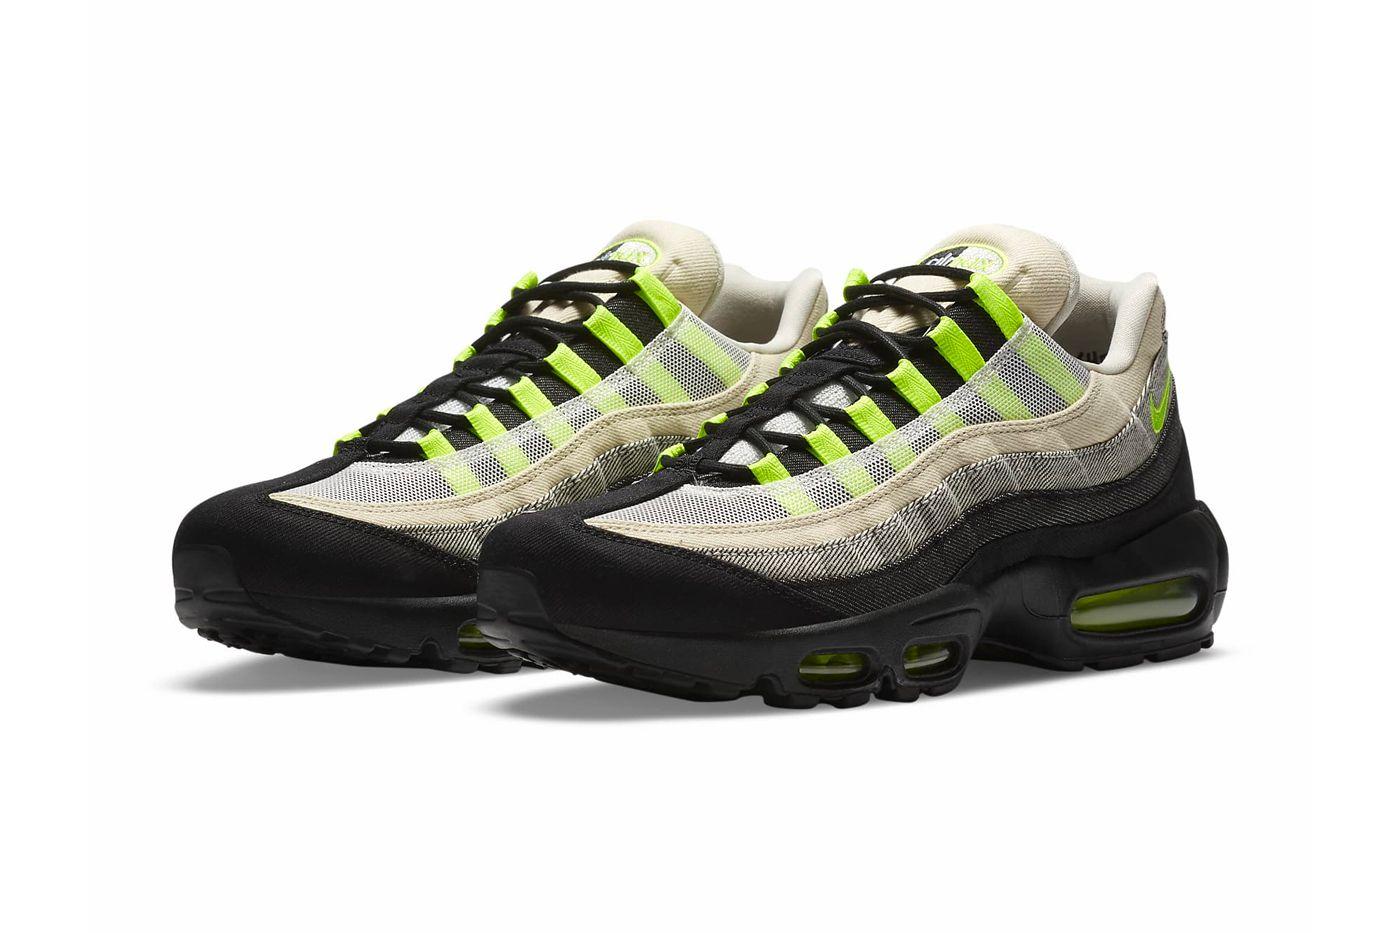 Denham x Nike Air Max 90